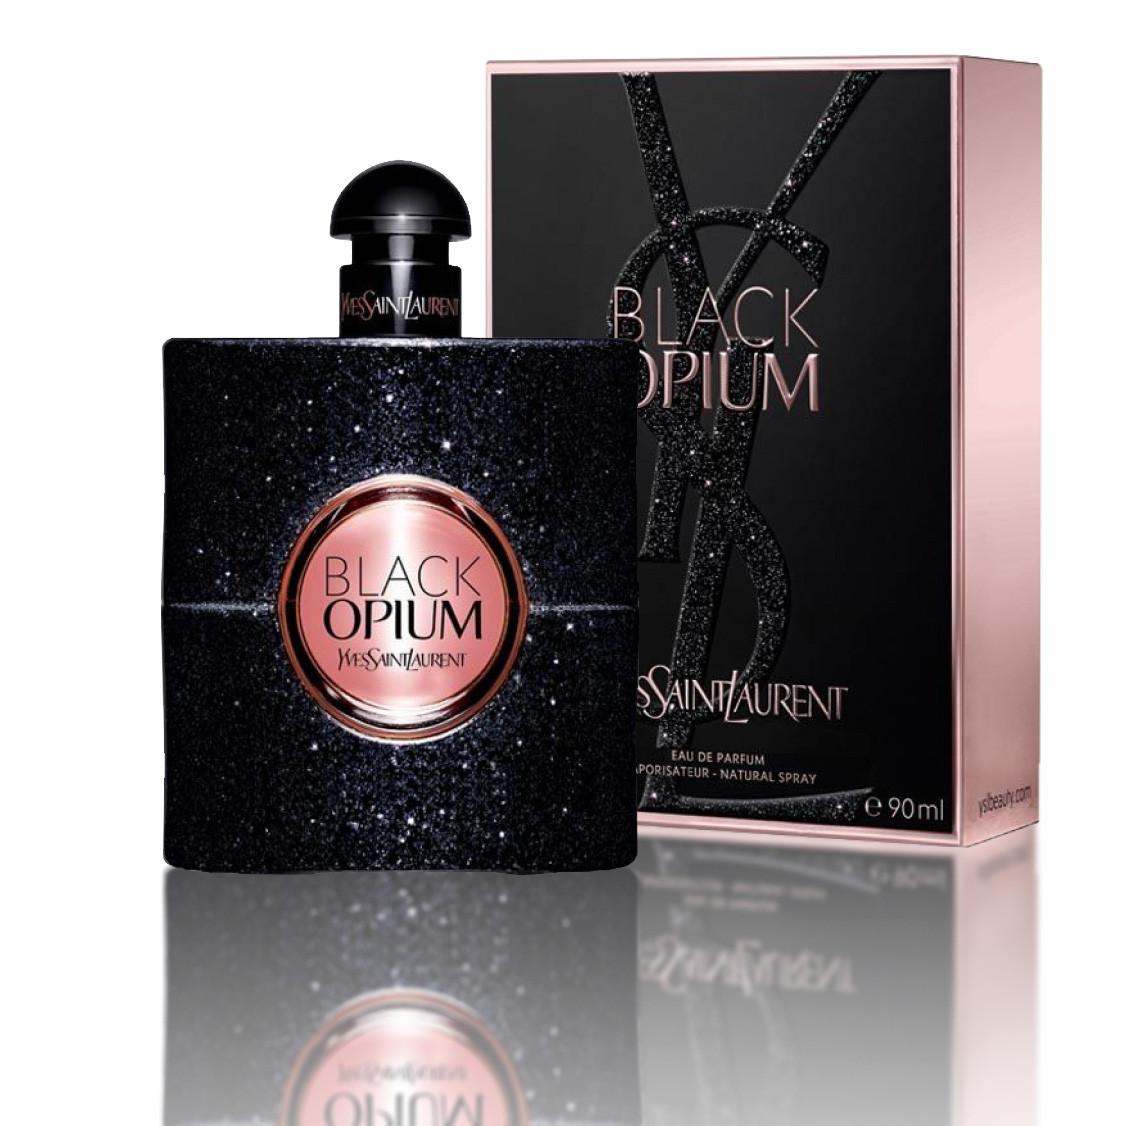 Парфюм Yves Saint Laurent Black Opium 90ml ( Блэк Опиум )реплика